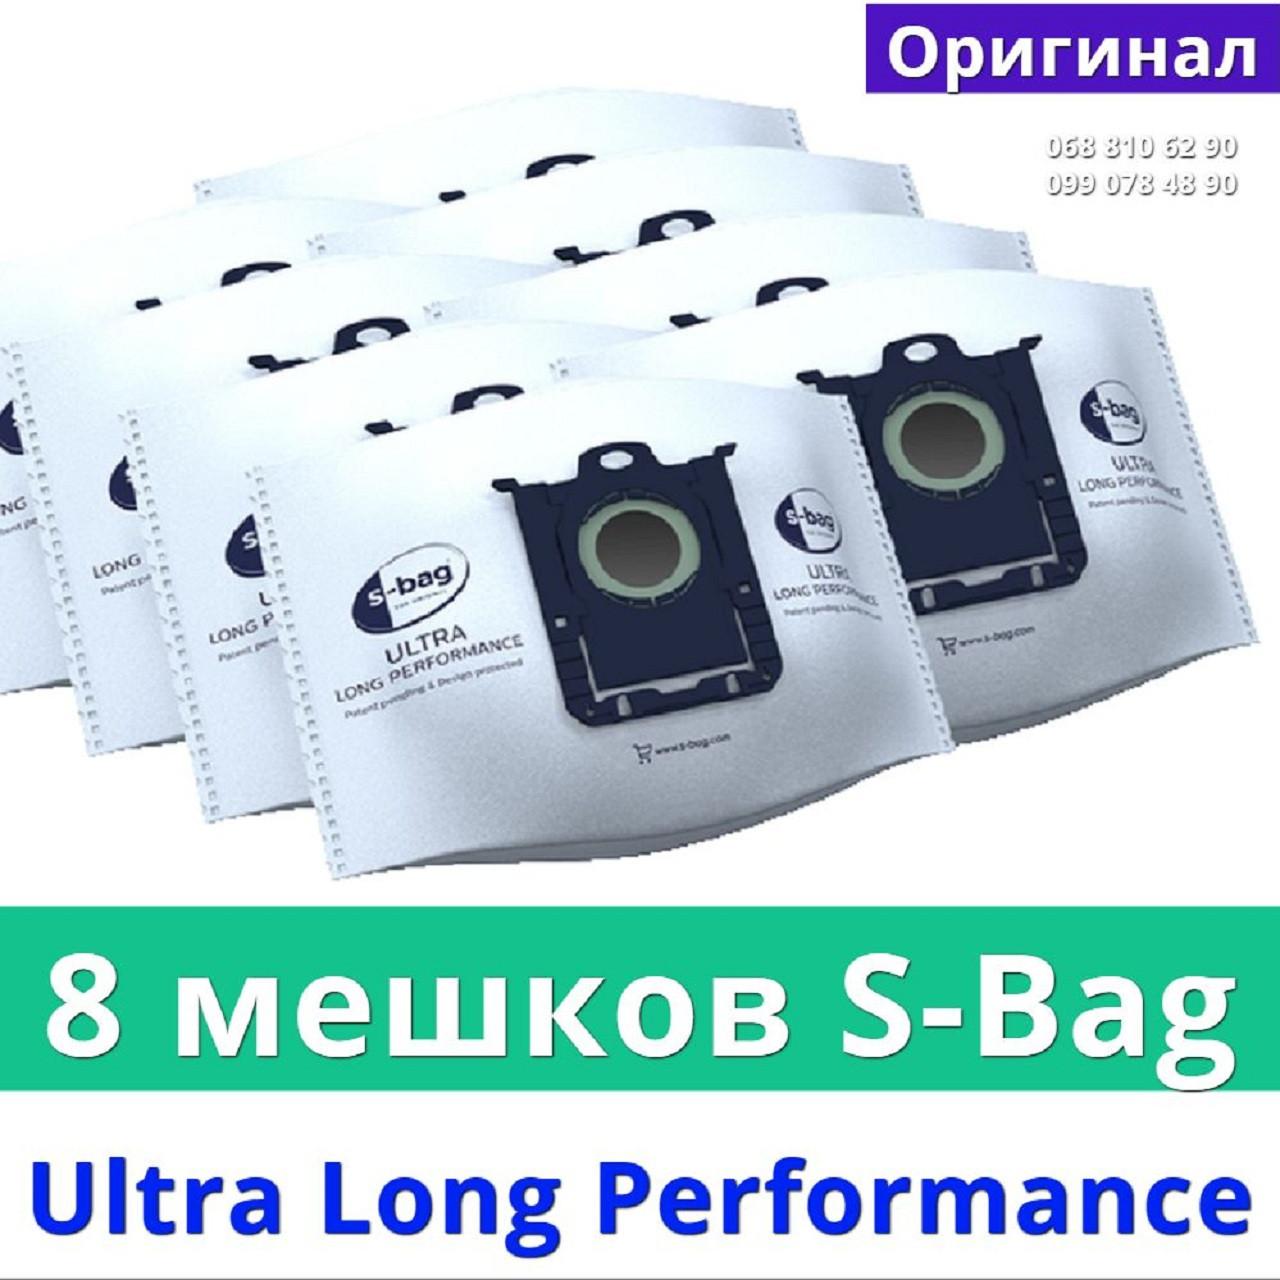 Сміттєві мішки 8 штук Philips FC8027/01 s bag Ultra Long Performance пакети на пилосос для сухого прибирання Філіпс